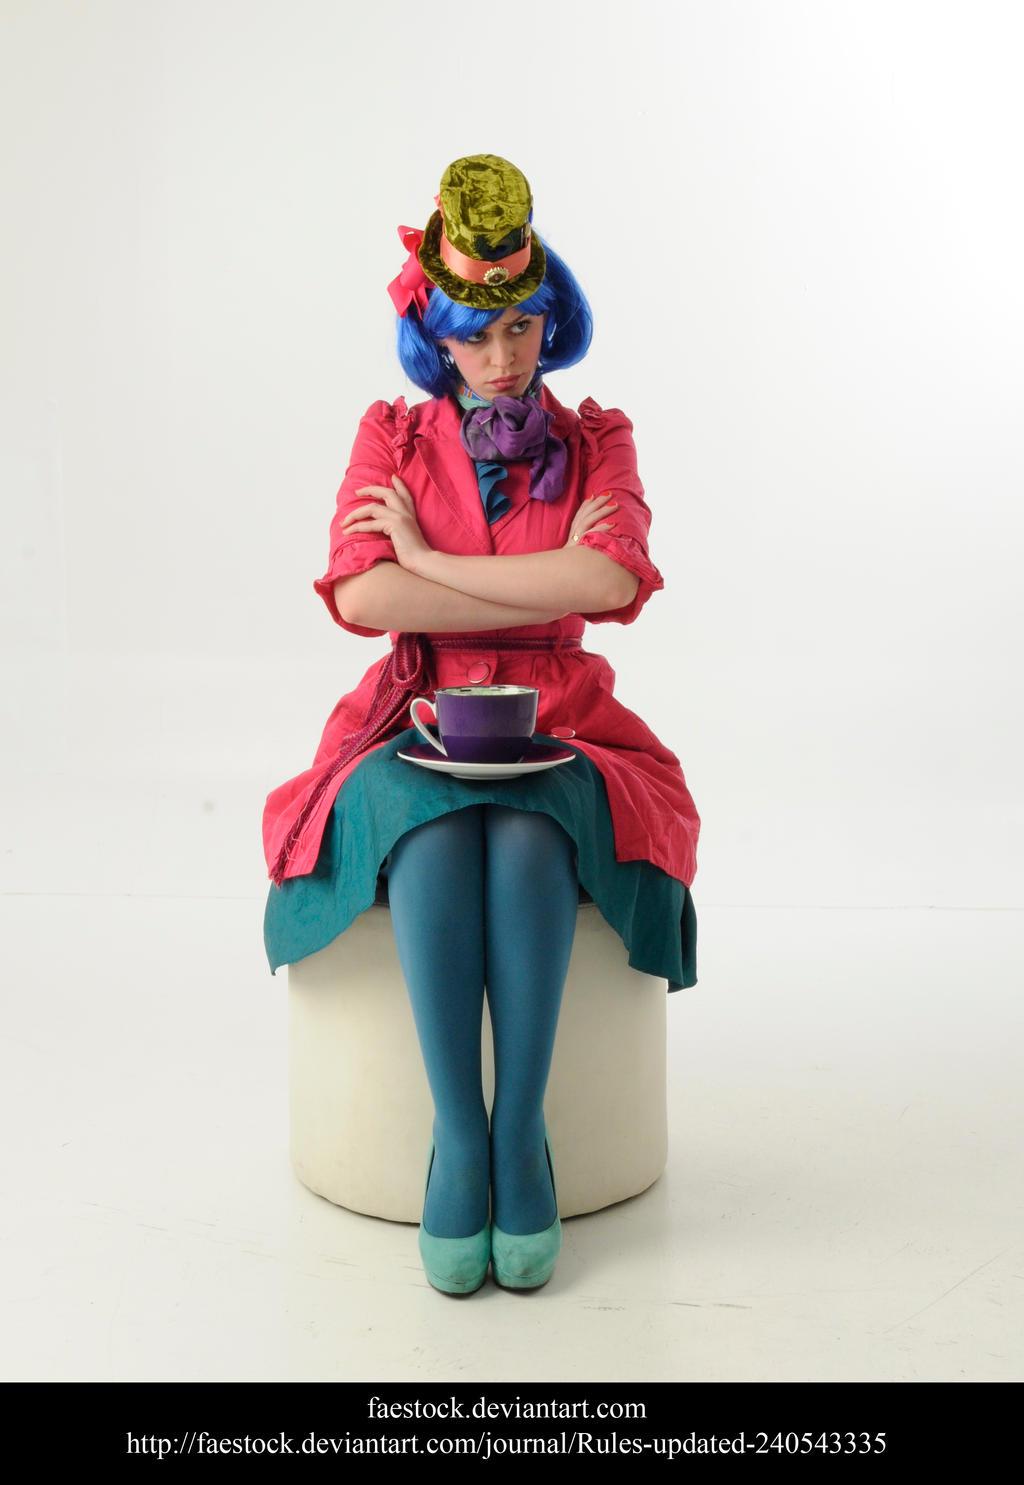 Hatter9 by faestock